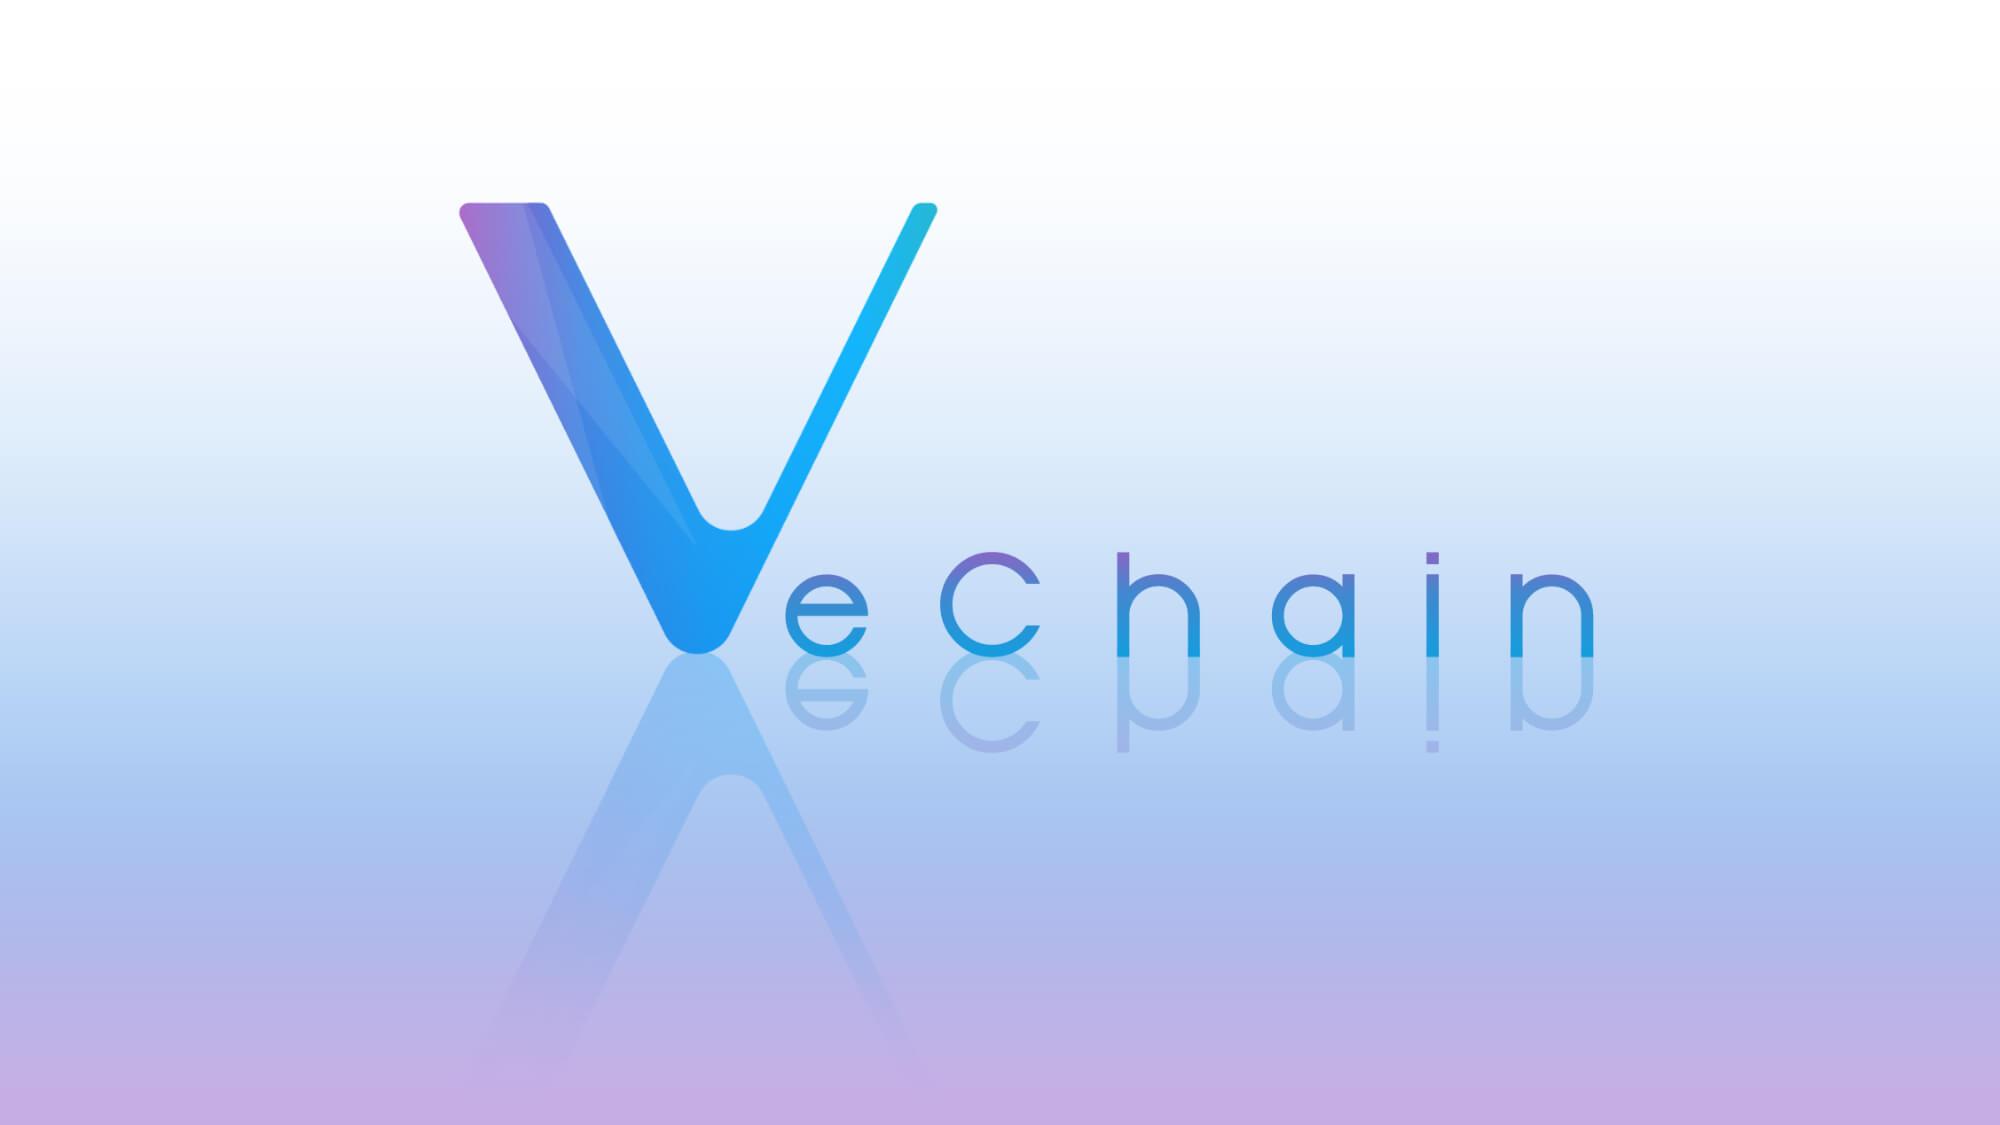 مشروع VeChain يطلق منصة لإدارة البيانات الطبية على البلوكشين